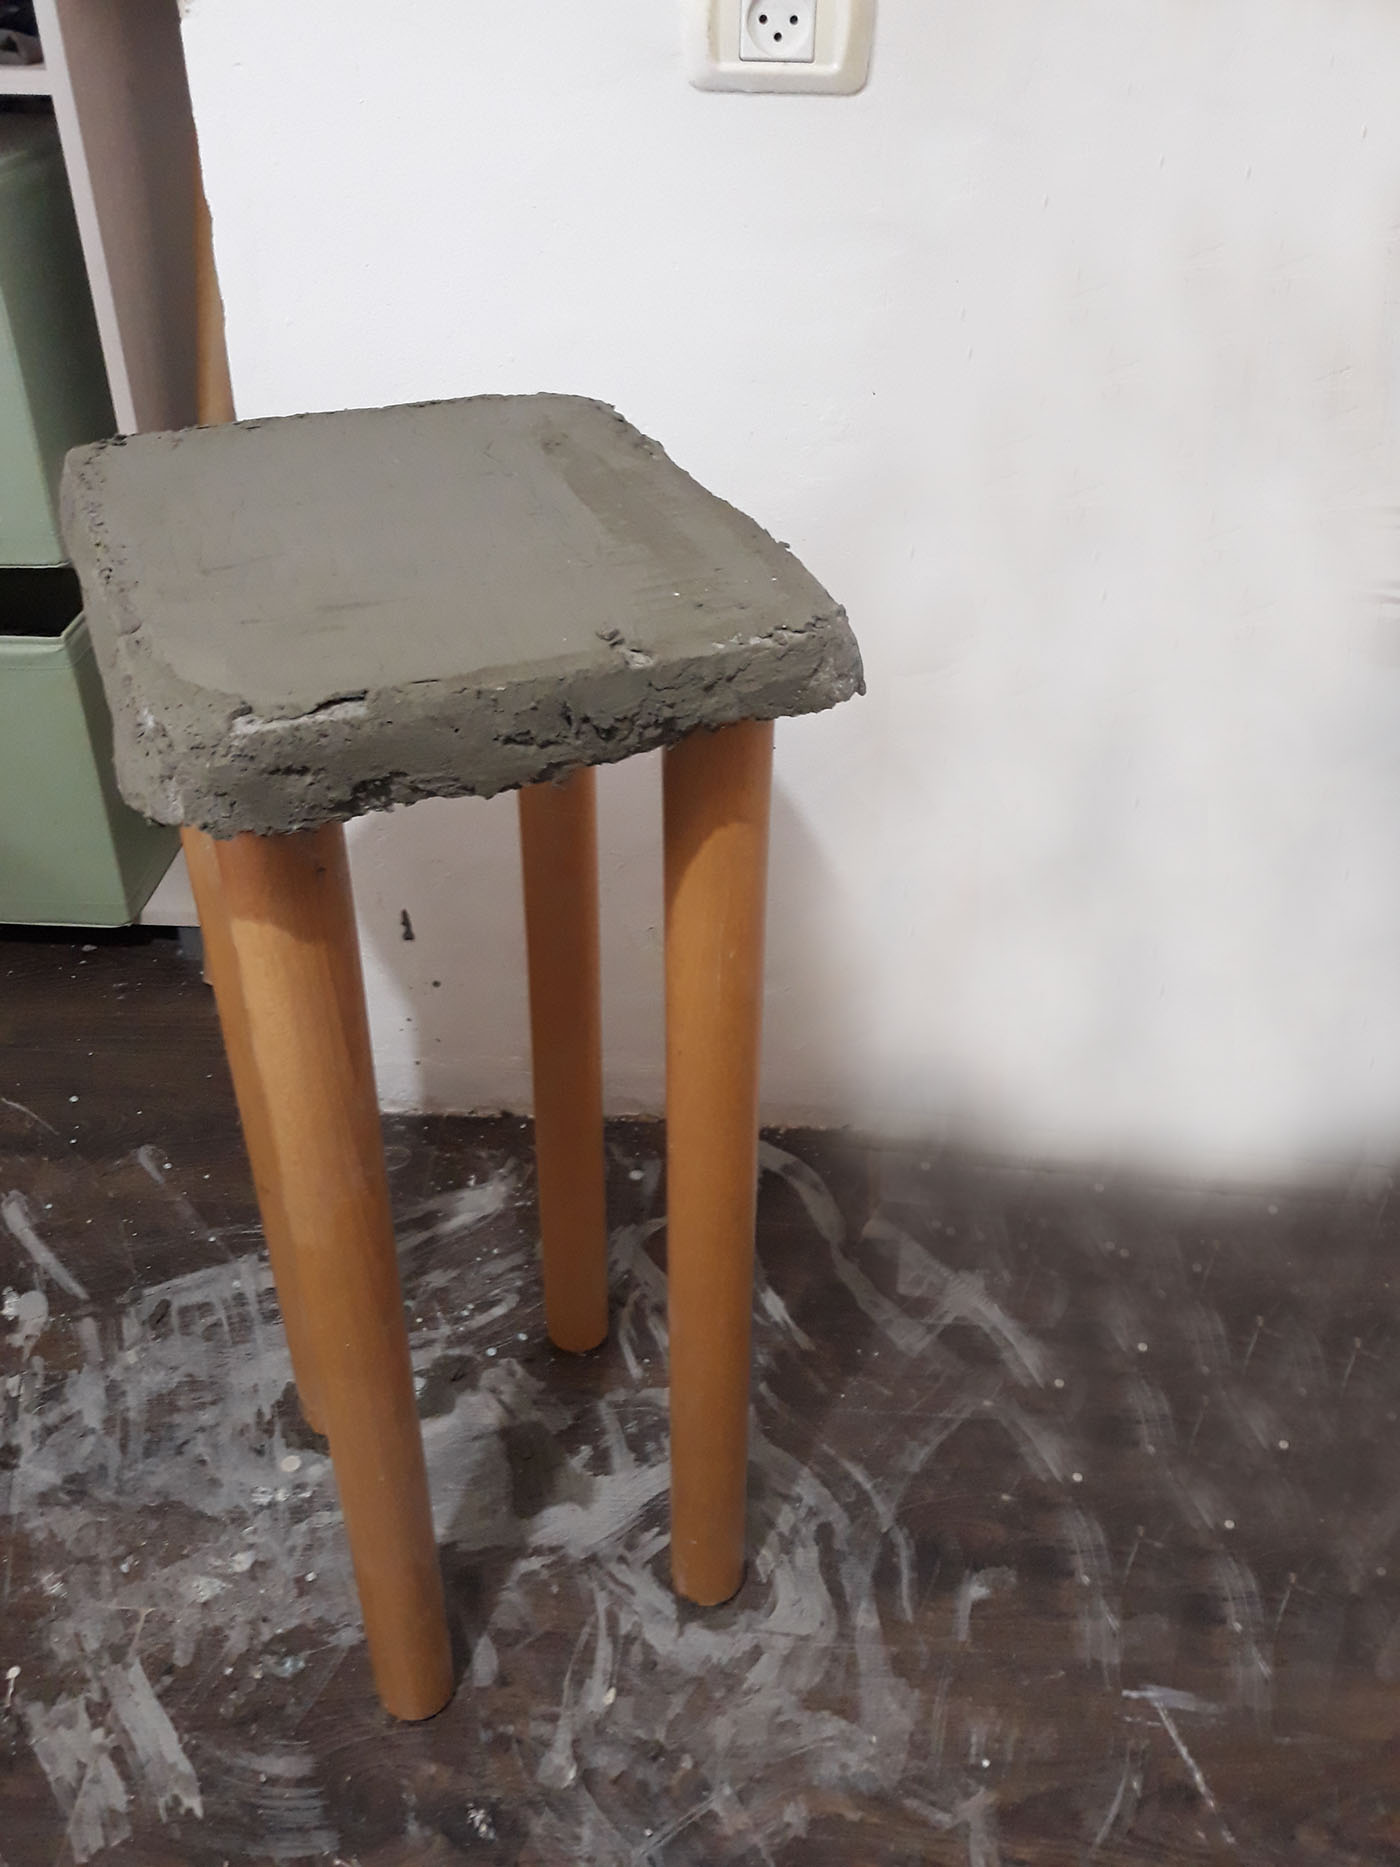 20190625 124030 - רהיטים קטנים ממלט